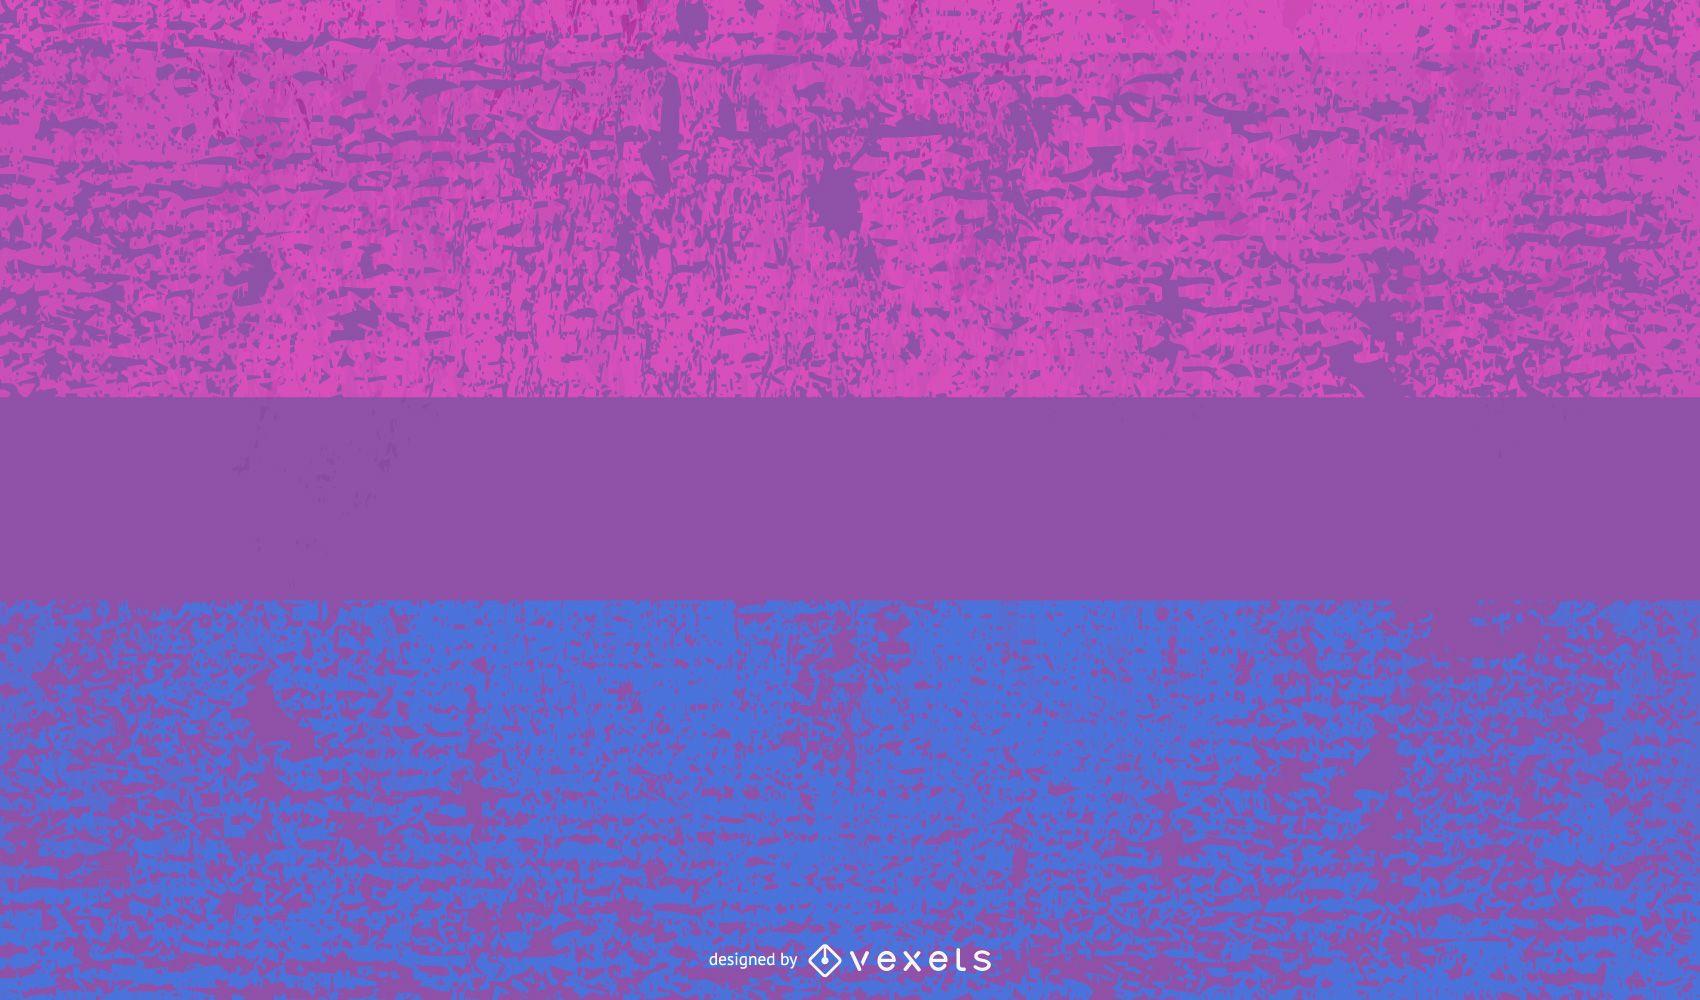 Bisexual pride flag grunge